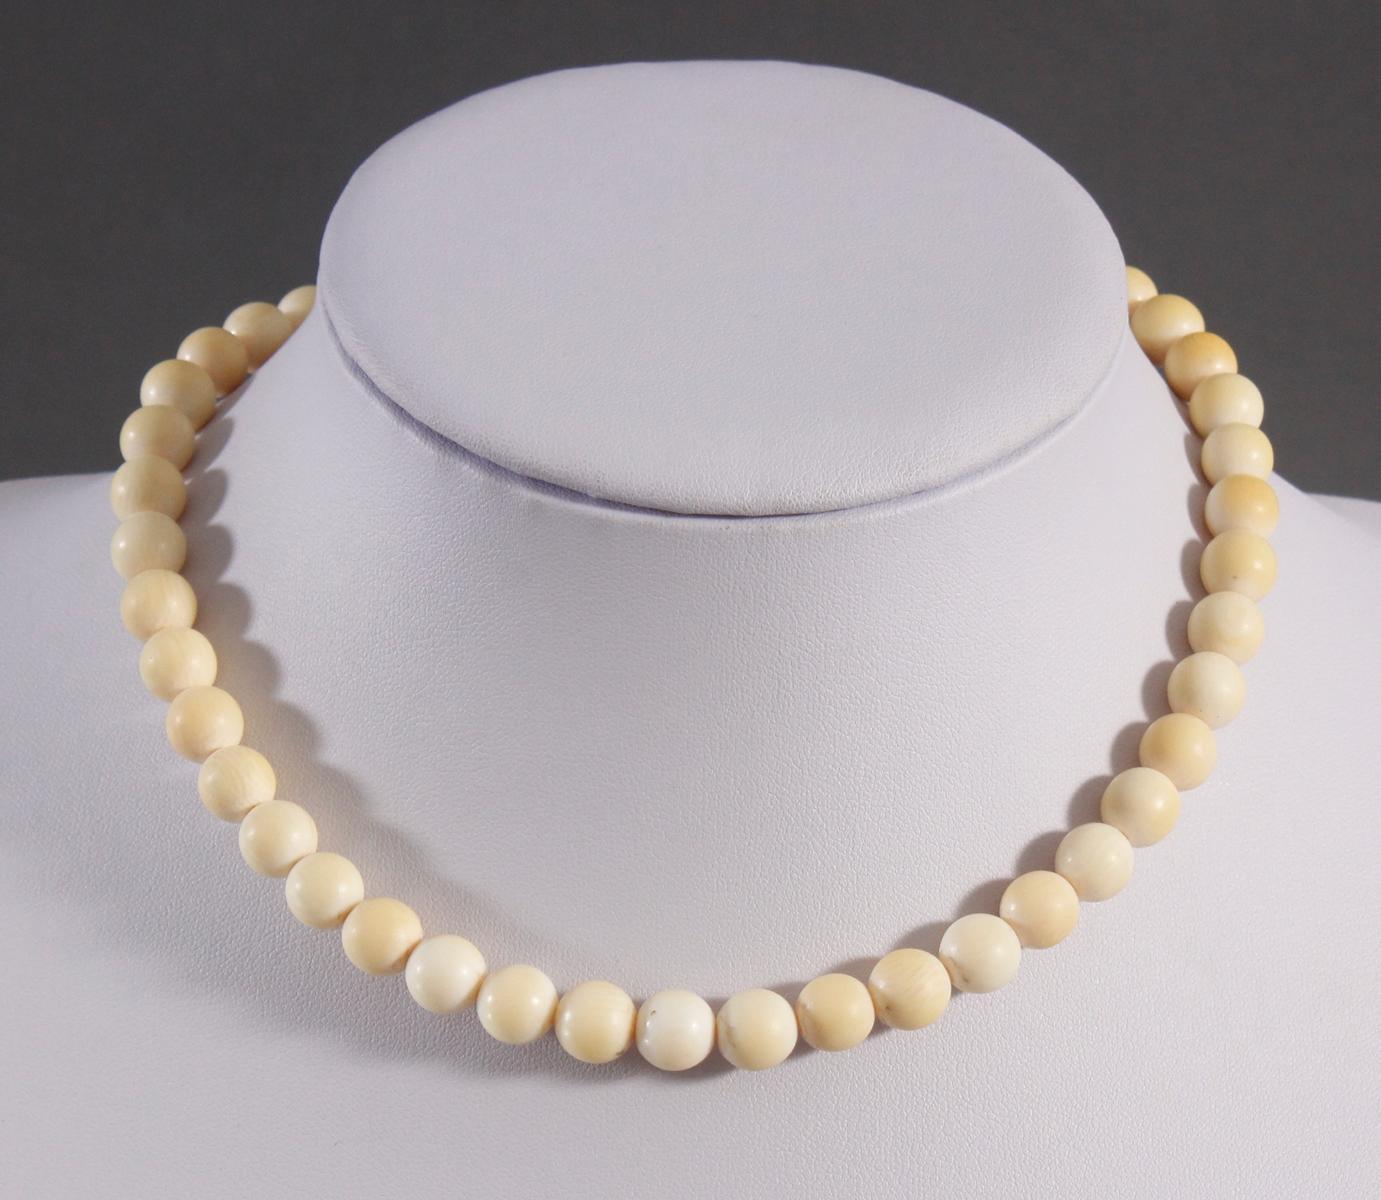 Halskette aus Elfenbeinkugeln